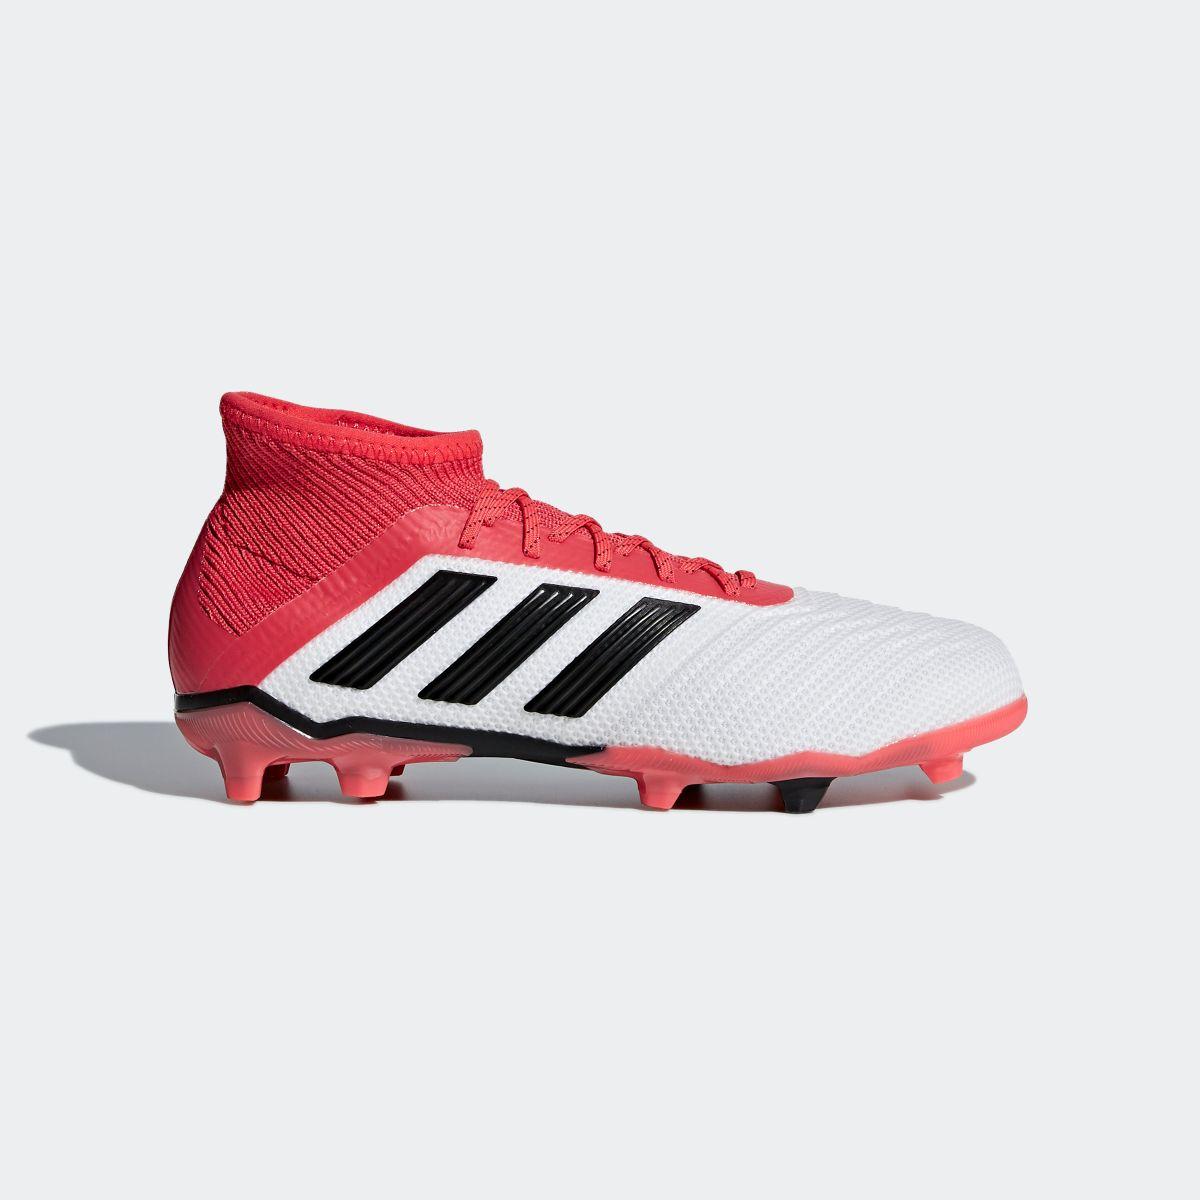 【公式】アディダス adidas プレデター 18.1 FG/AG J キッズ CP8873 サッカー・フットサル シューズ 合成繊維 合成底